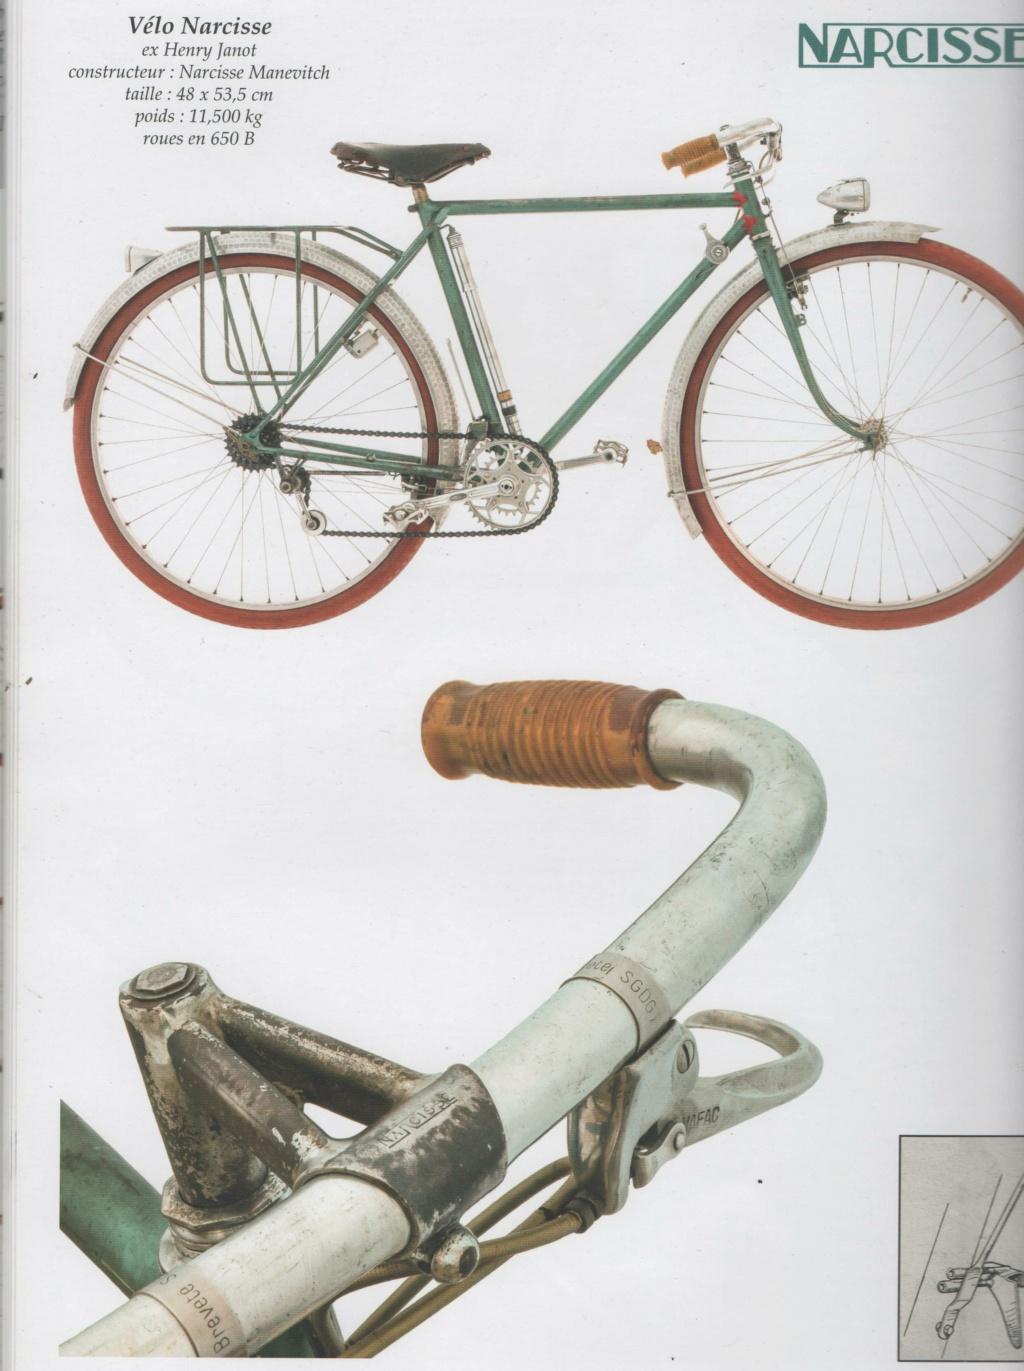 GALLIA 1950 's - futur demi course - Page 2 Narcis10